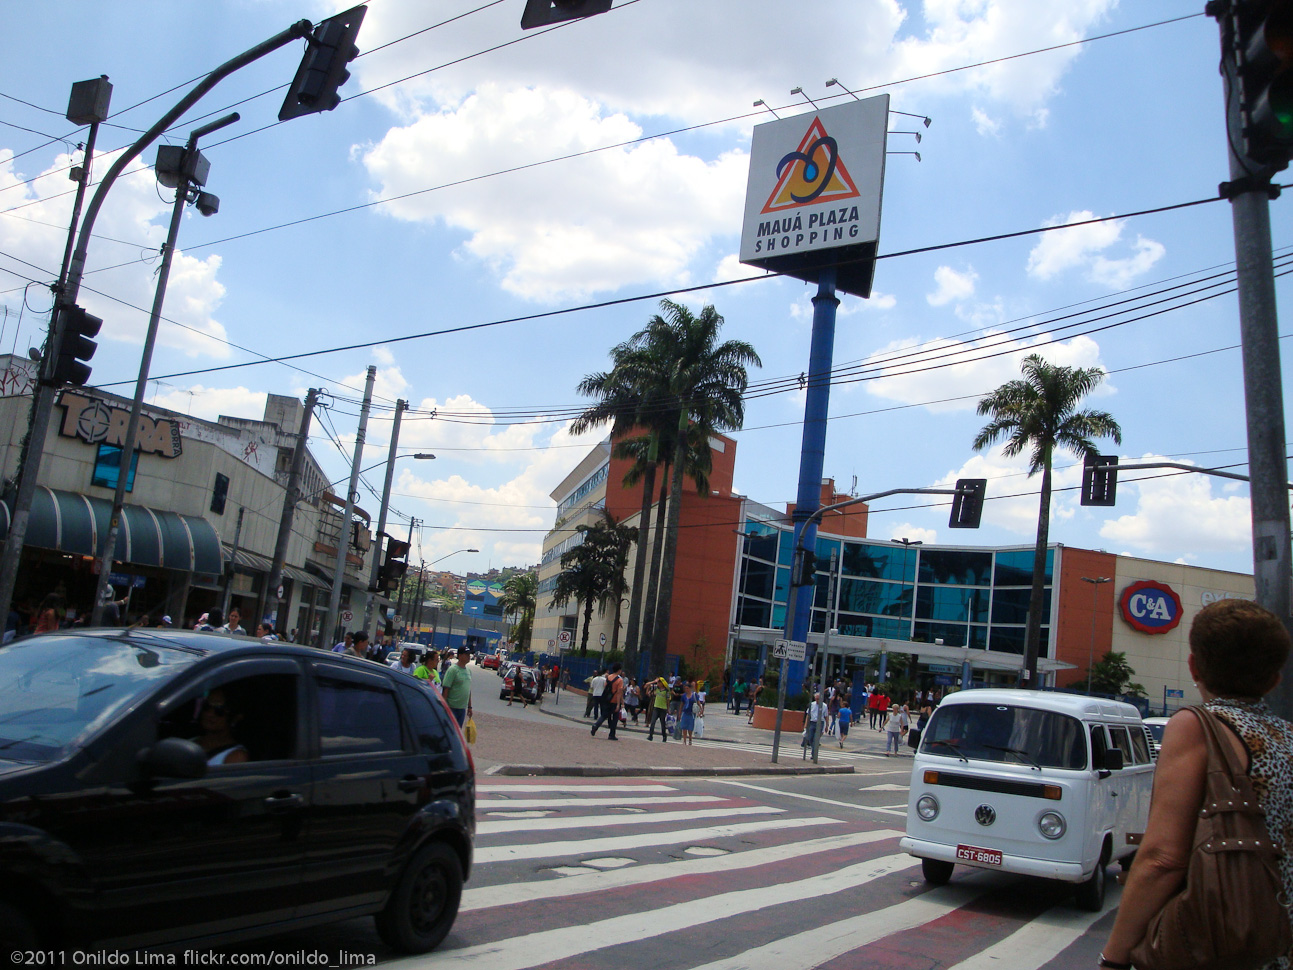 ebe911f7e0f Mauá Plaza Shopping foto por Onildo Lima